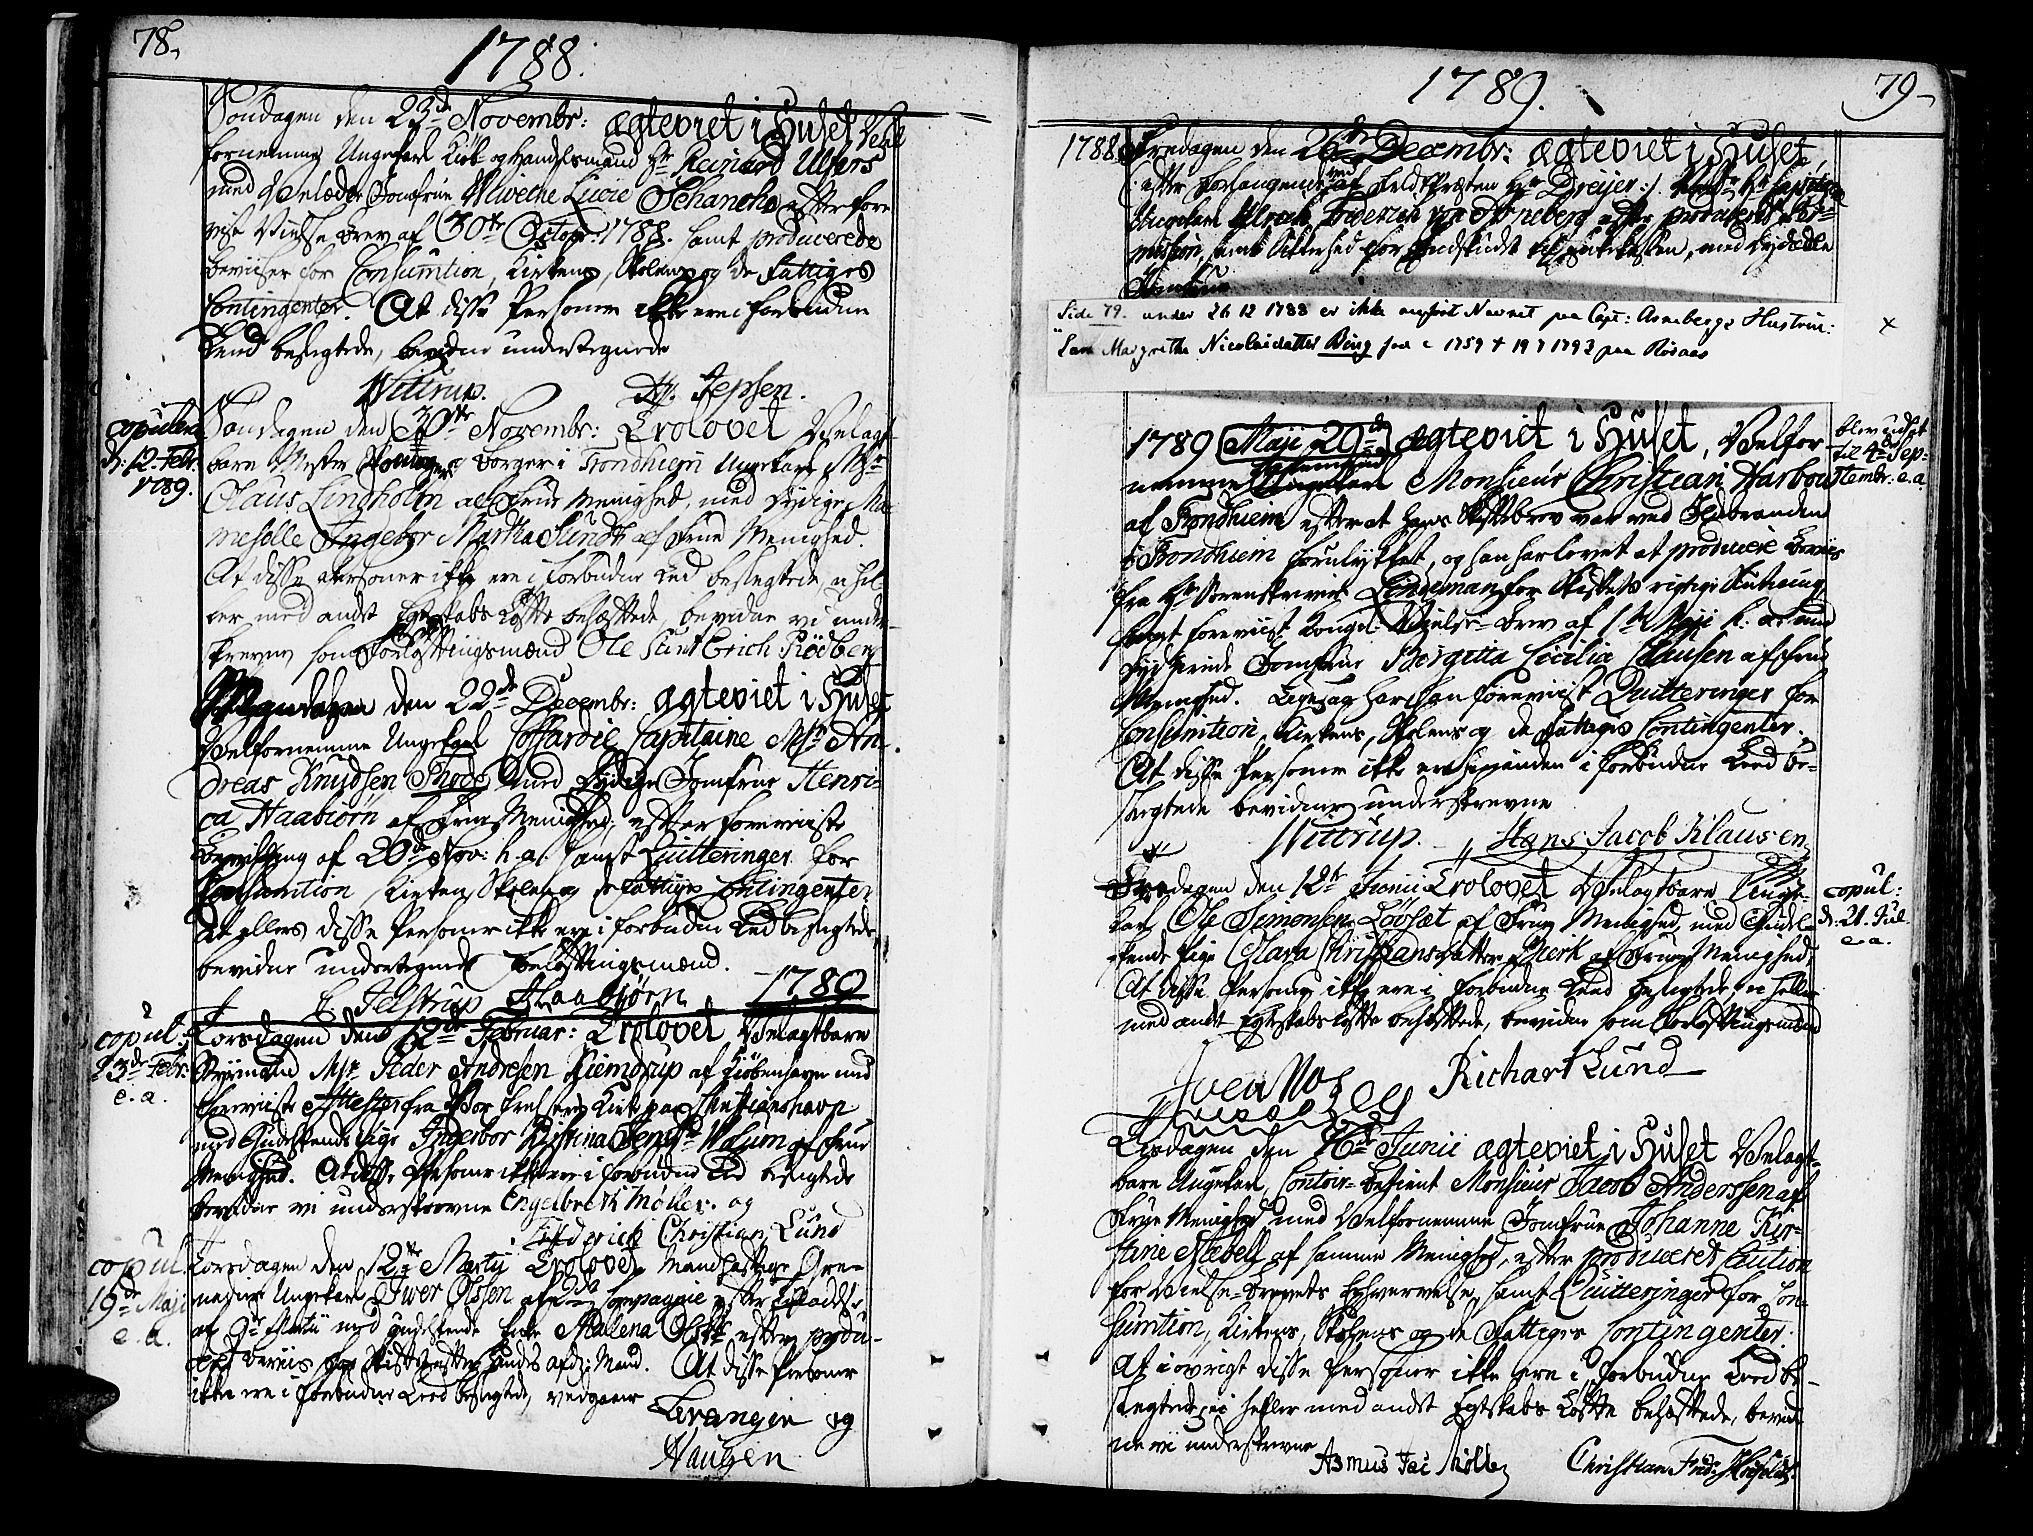 SAT, Ministerialprotokoller, klokkerbøker og fødselsregistre - Sør-Trøndelag, 602/L0105: Ministerialbok nr. 602A03, 1774-1814, s. 78-79